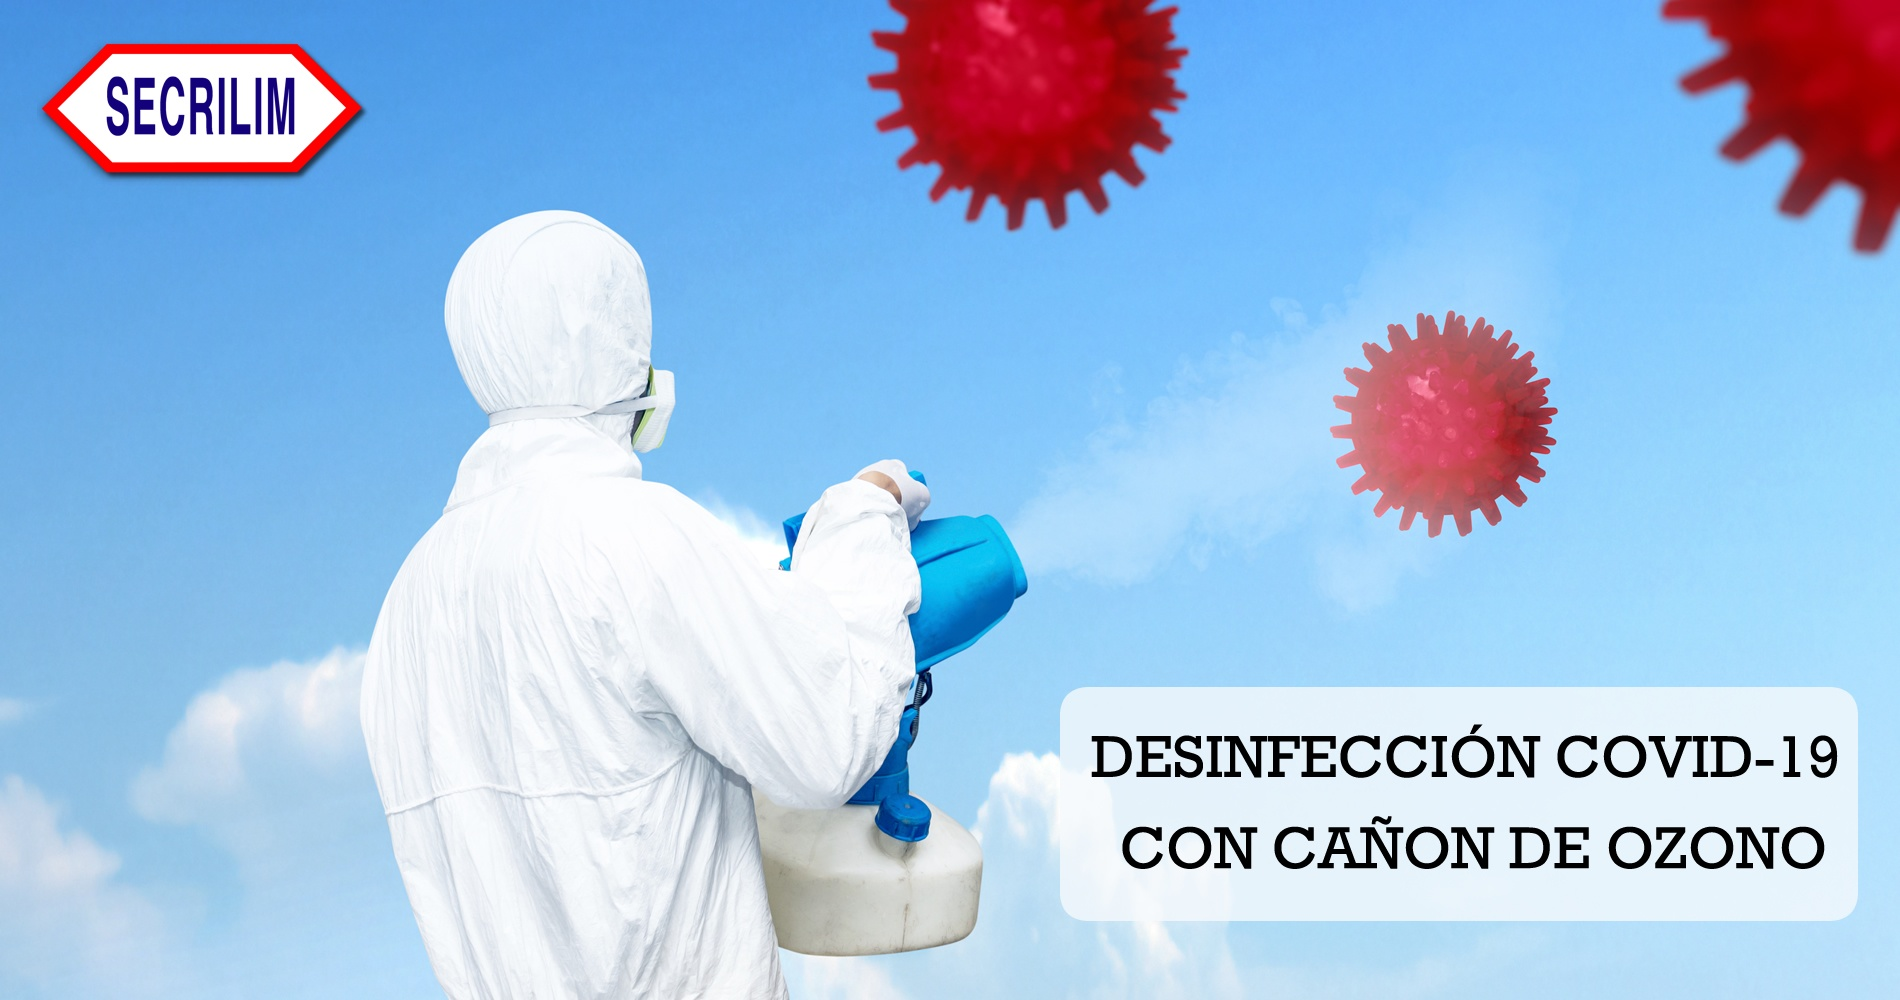 desinfeccion covid-19 ozono